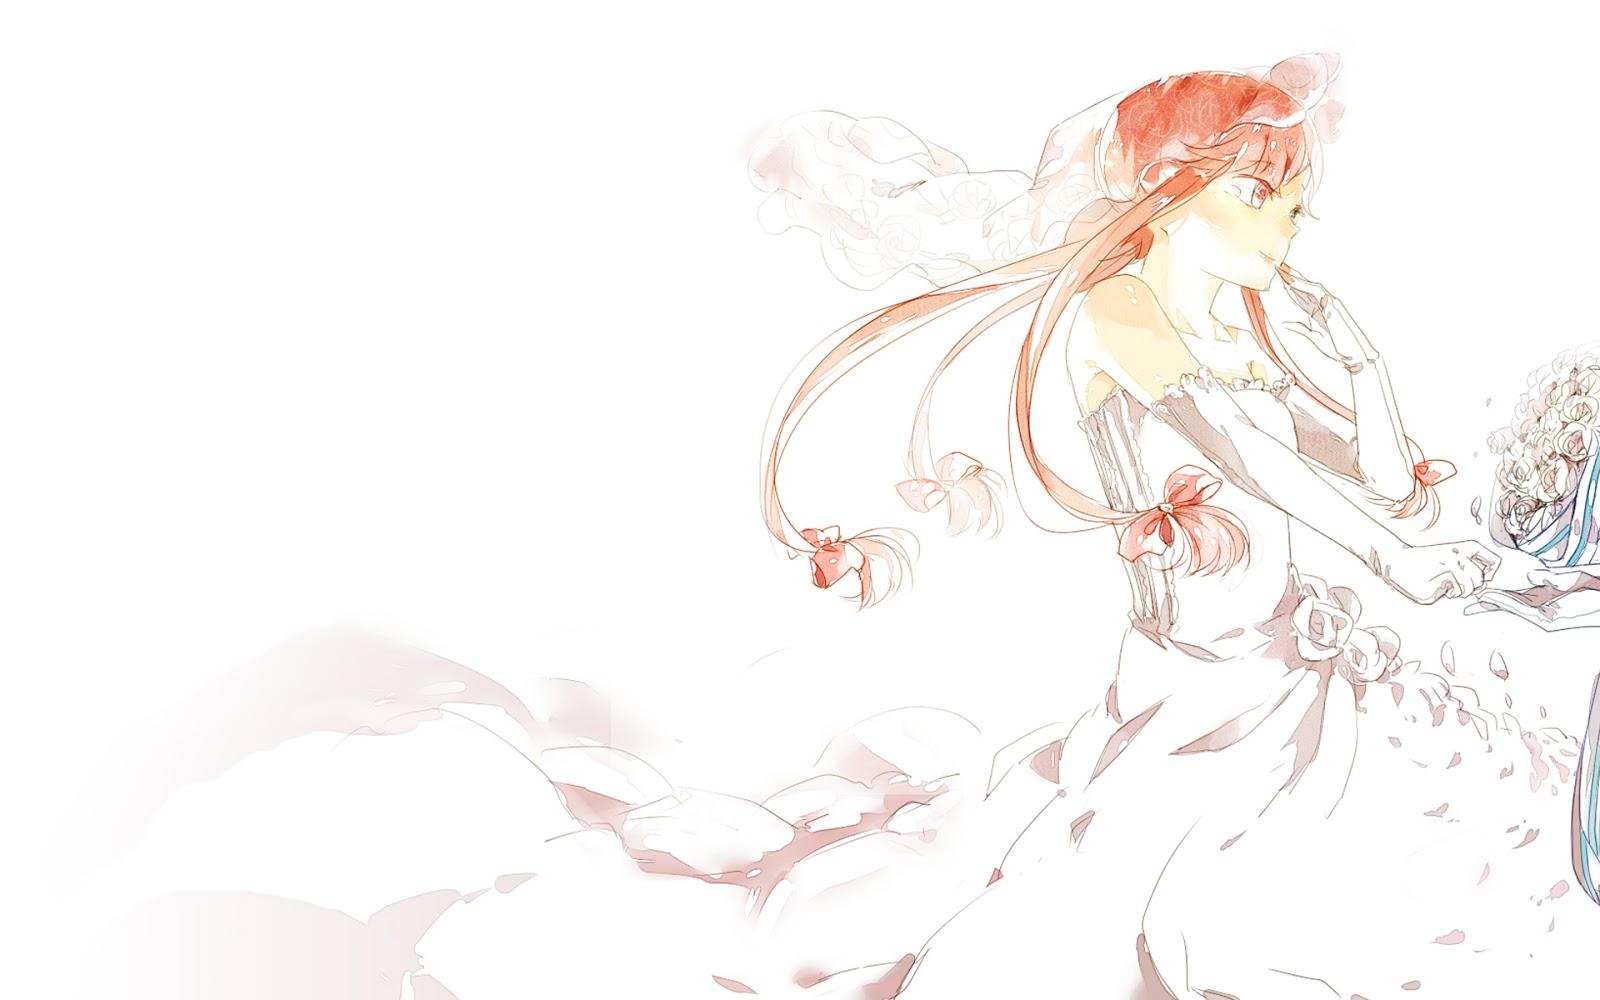 Dress up yuno gasai - Yuno Gasai Future Diary Anime Girl Flowers Wedding Dress Hd Wallpaper